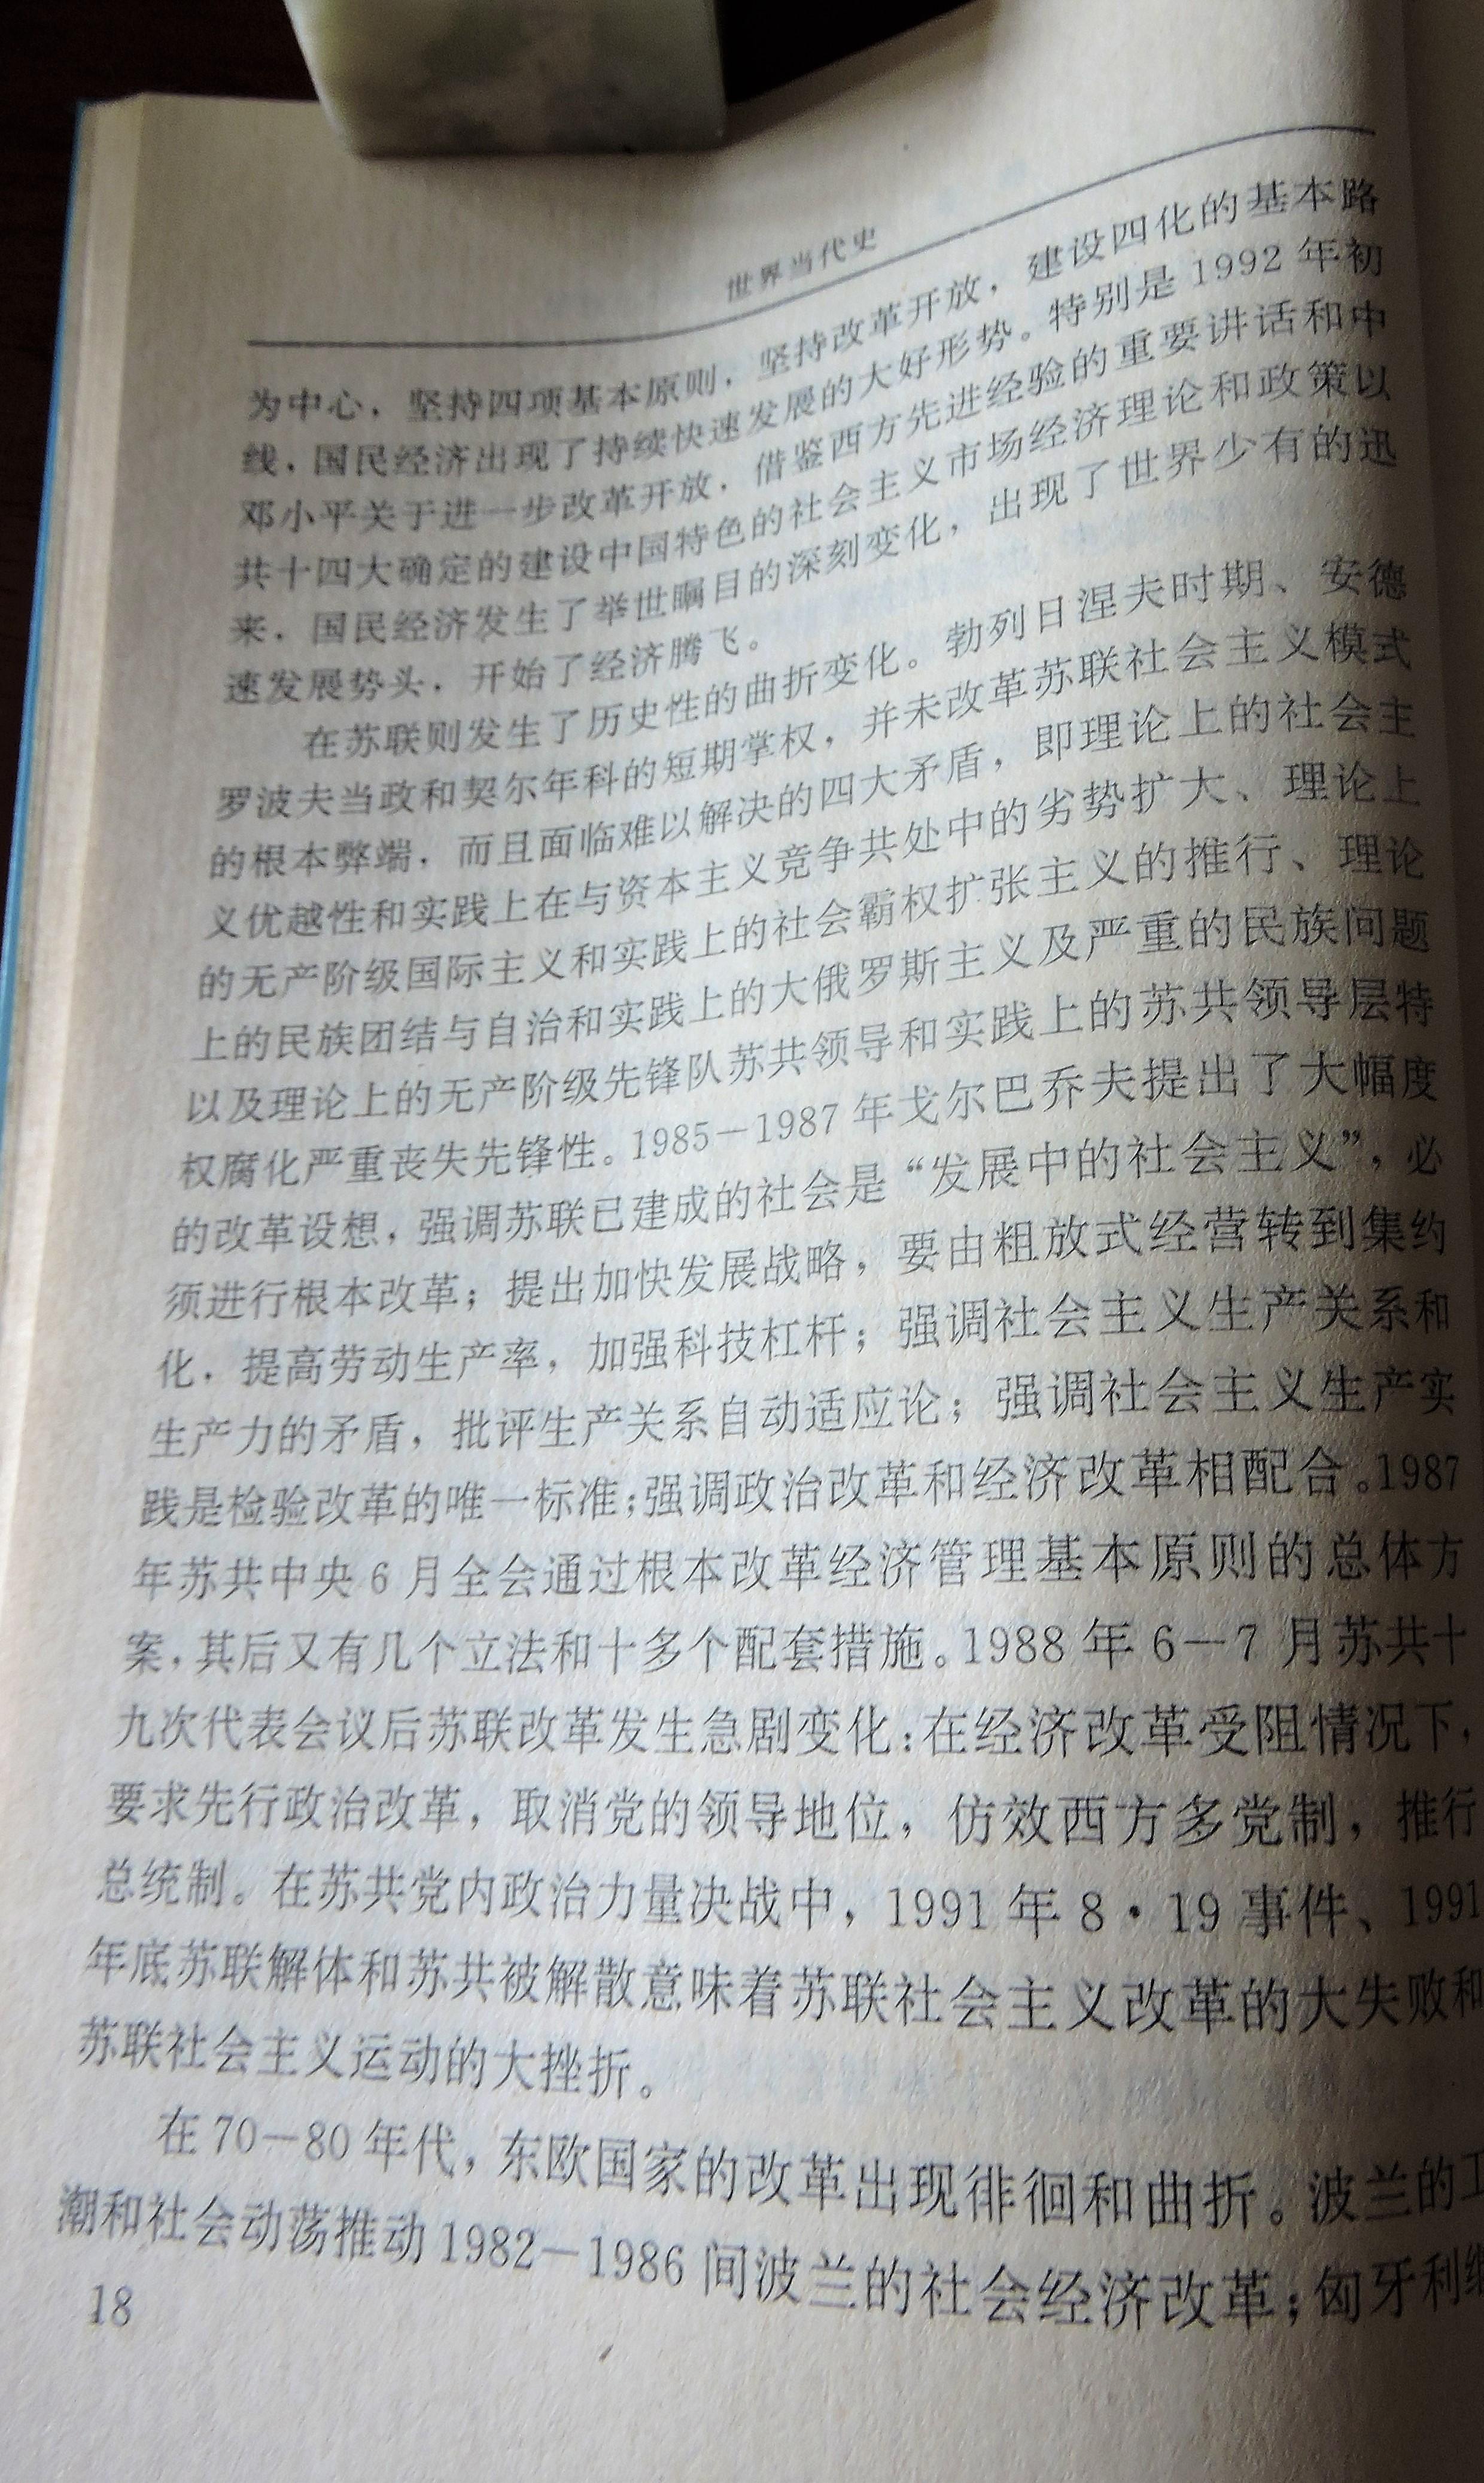 4 DSCN7961.jpg